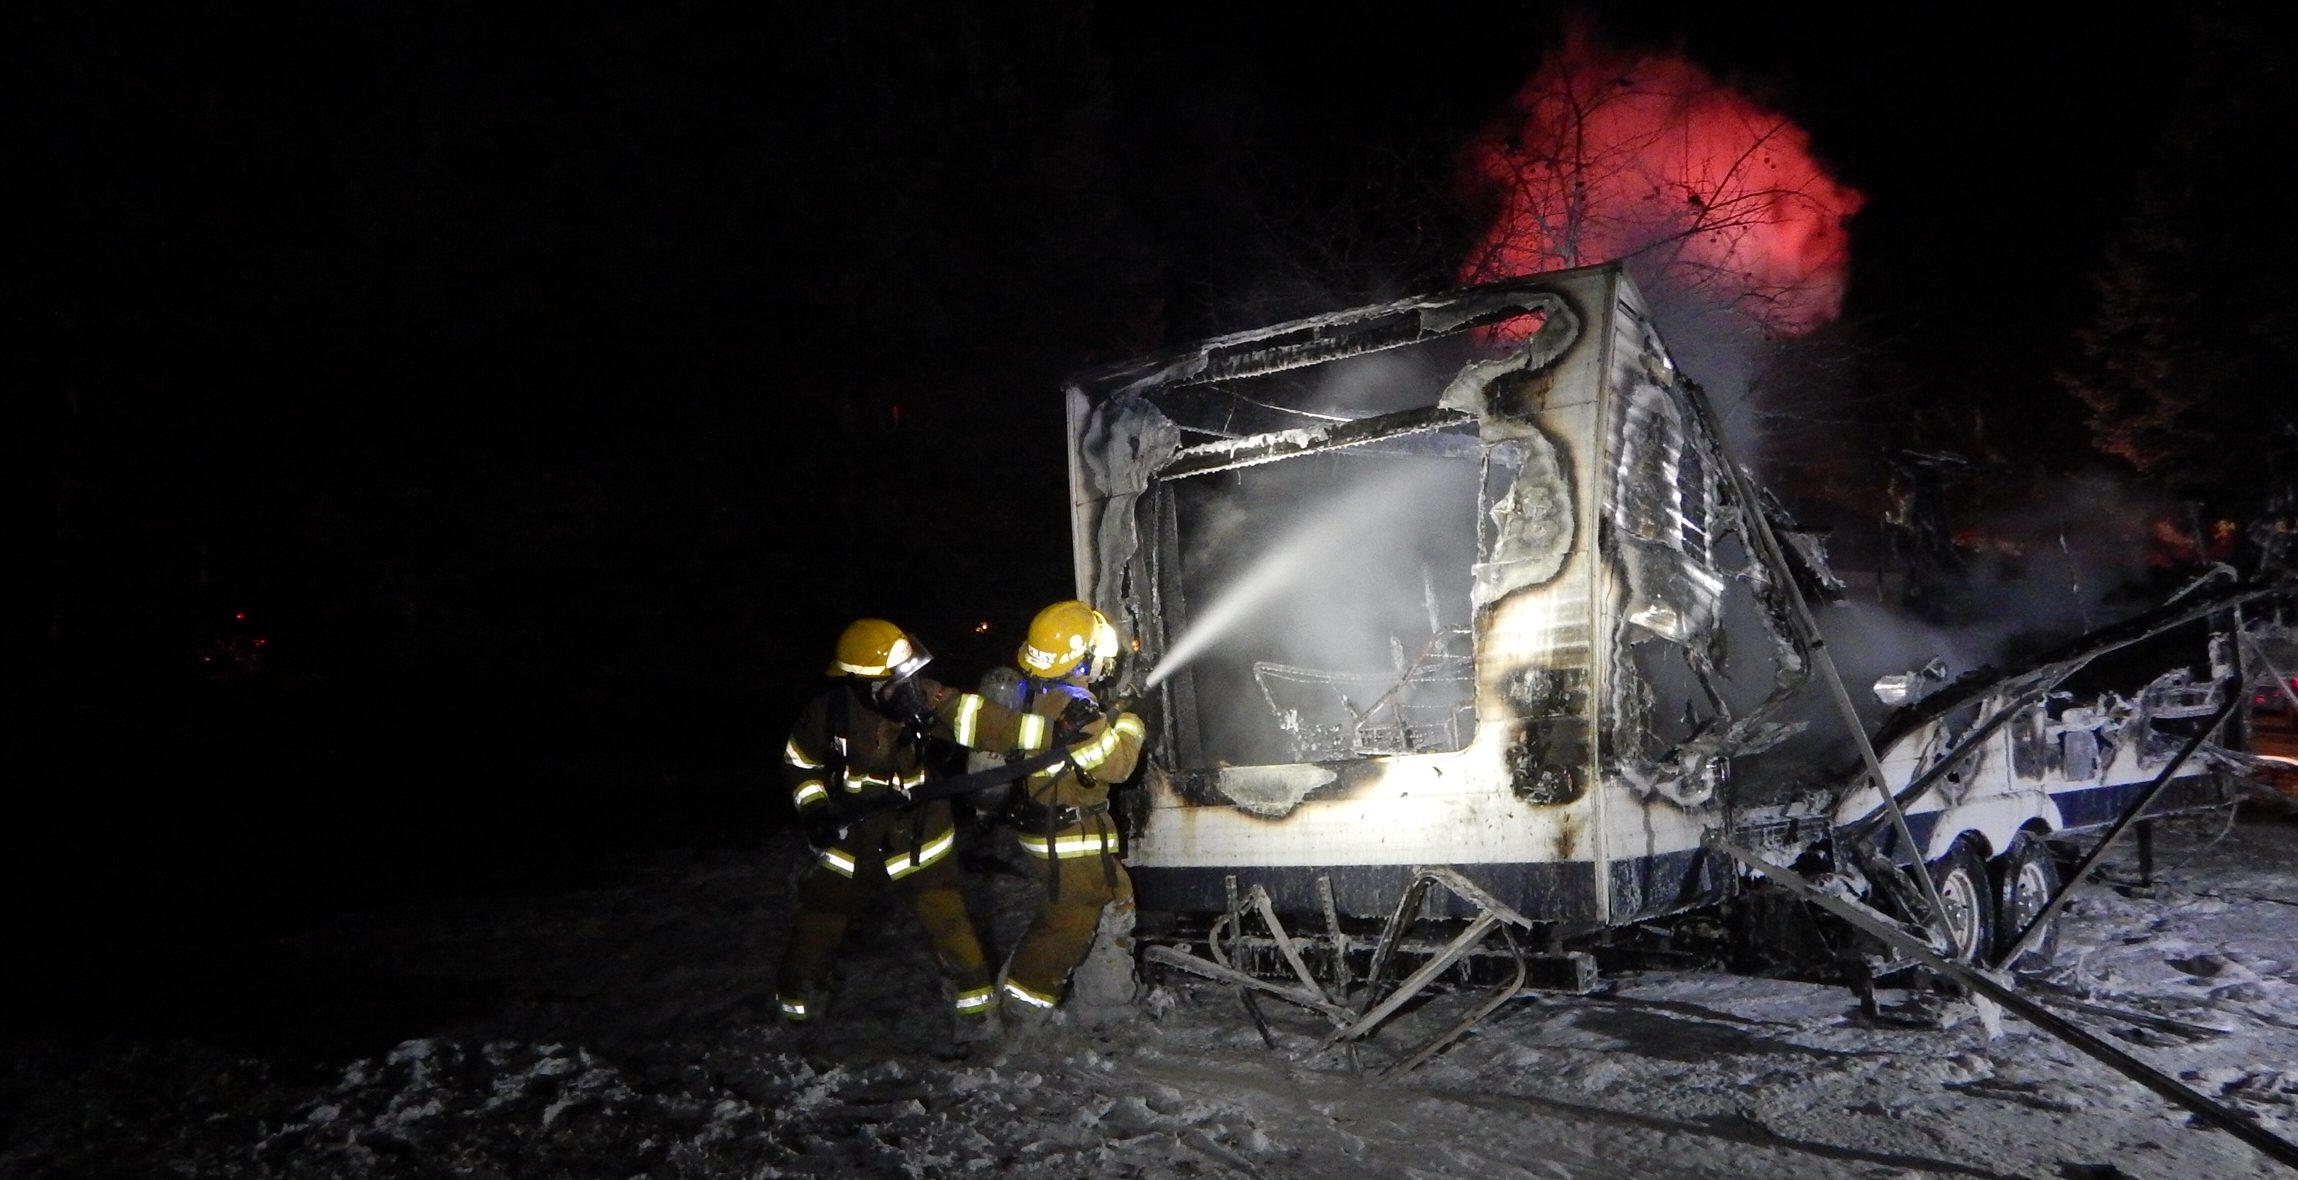 Fire Destroys RV In Shuniah